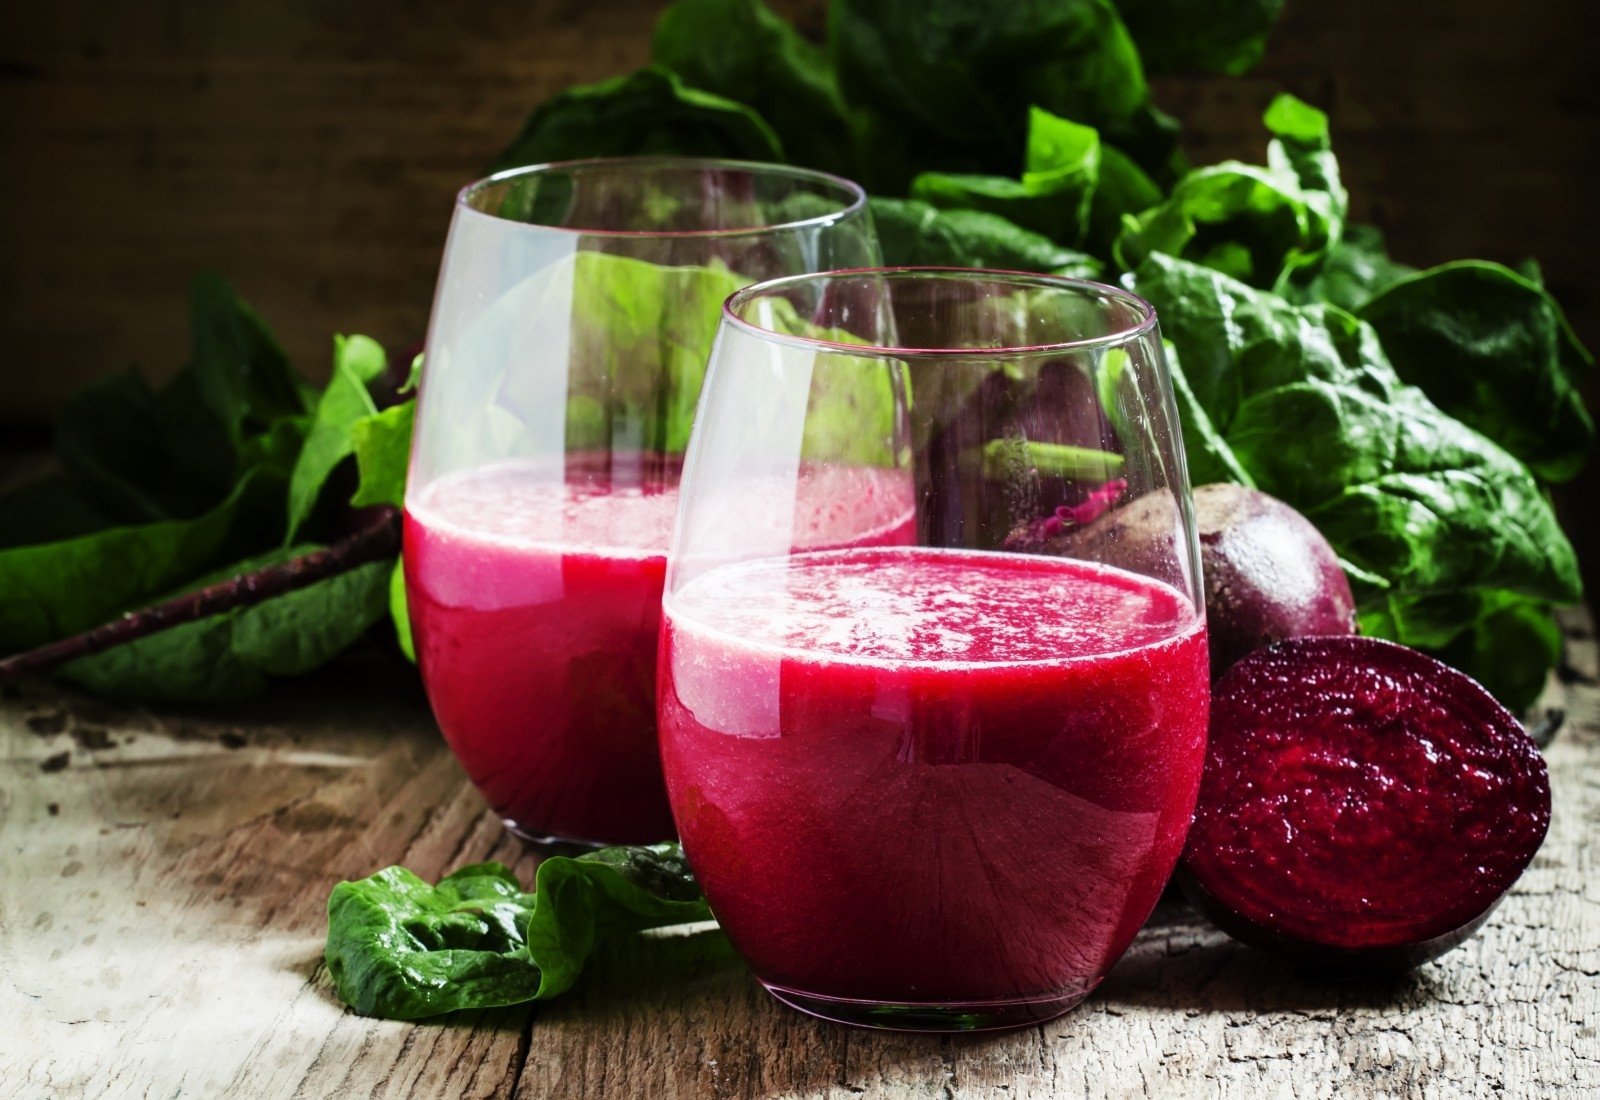 vynuogių sultys ir širdies sveikata